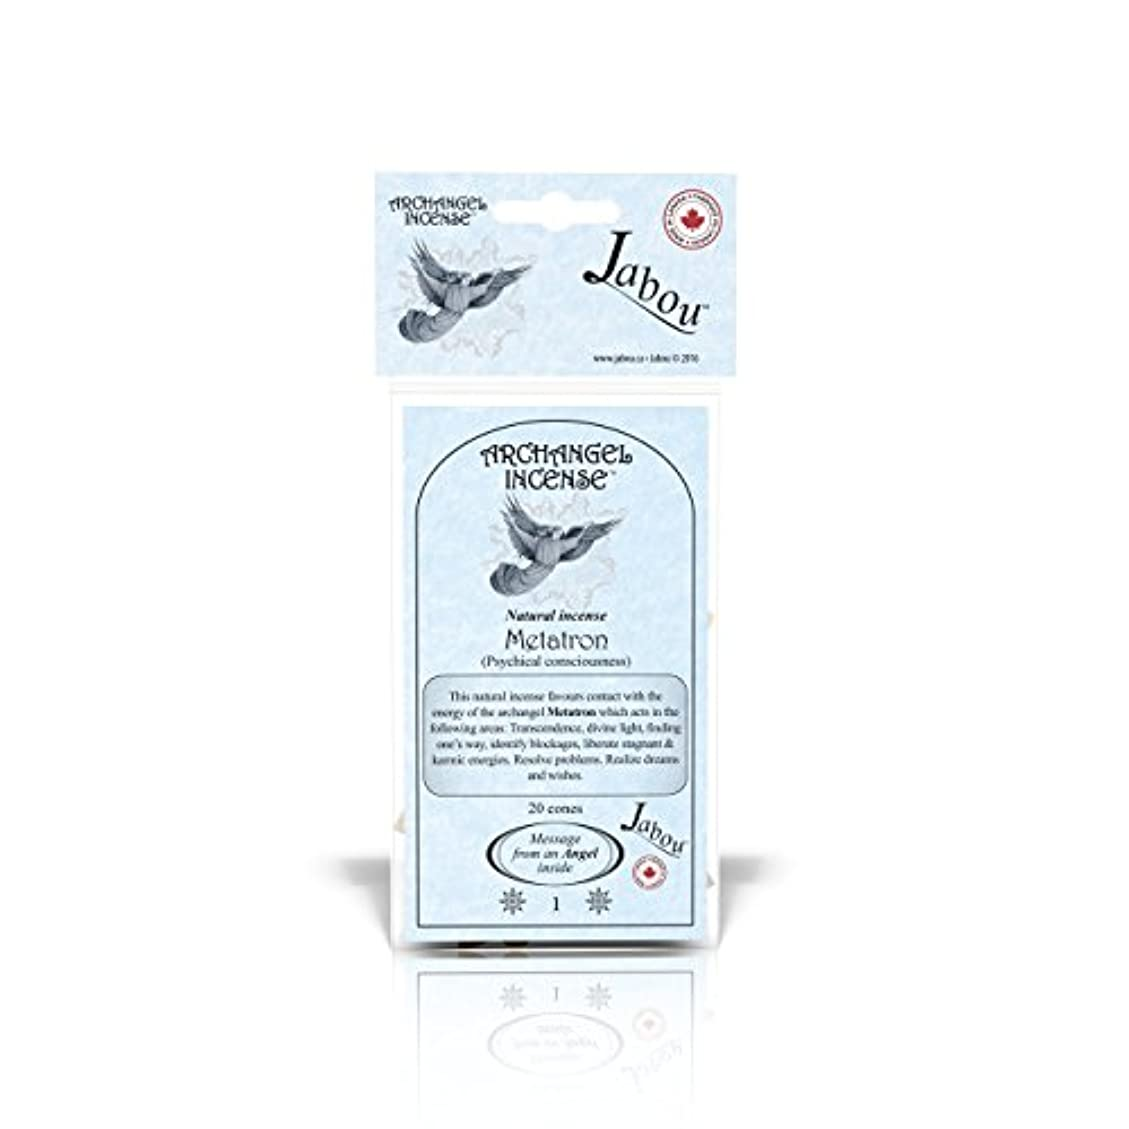 採用するスポンサータブレットJabou 大天使 100%天然お香 コーン - 12個の香り - 瞑想 ヨガ リラクゼーション マジック ヒーリング 祈り 儀式 - 20個のコーン - 各30分以上持続